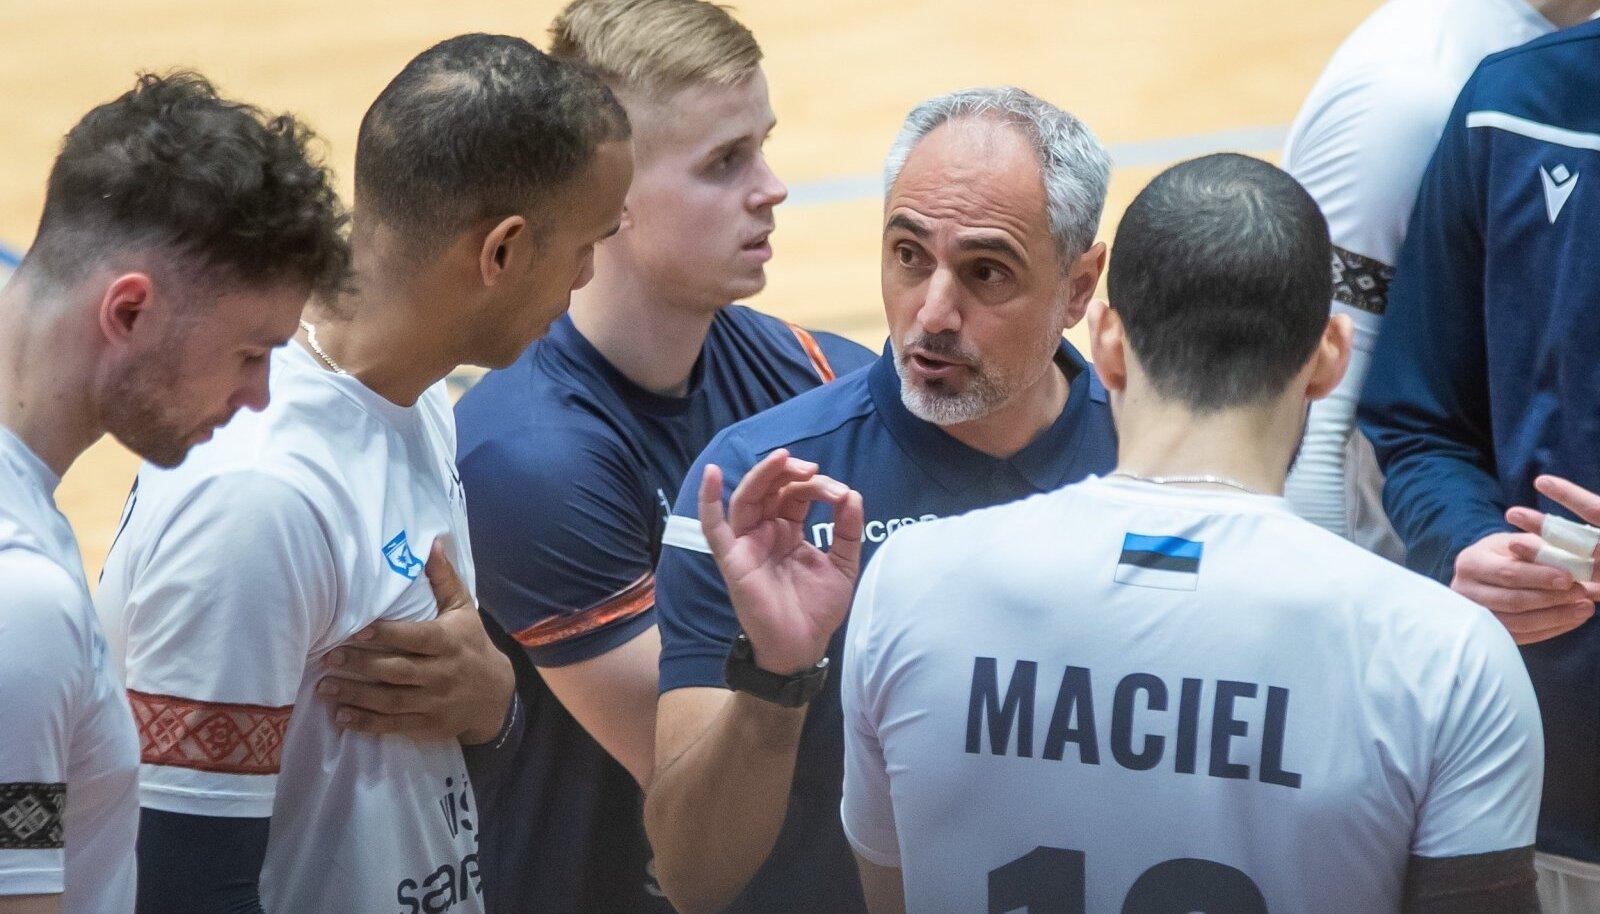 Saaremaa Võrkpalliklubi võitis kodus kindlalt RTU/Robežsardze 3:0 (25:22, 25:15, 25:15) ja sellega mängitakse Credit24 Meistriliiga finaalturniir taas Kuressaares.Saaremaa spordisõber